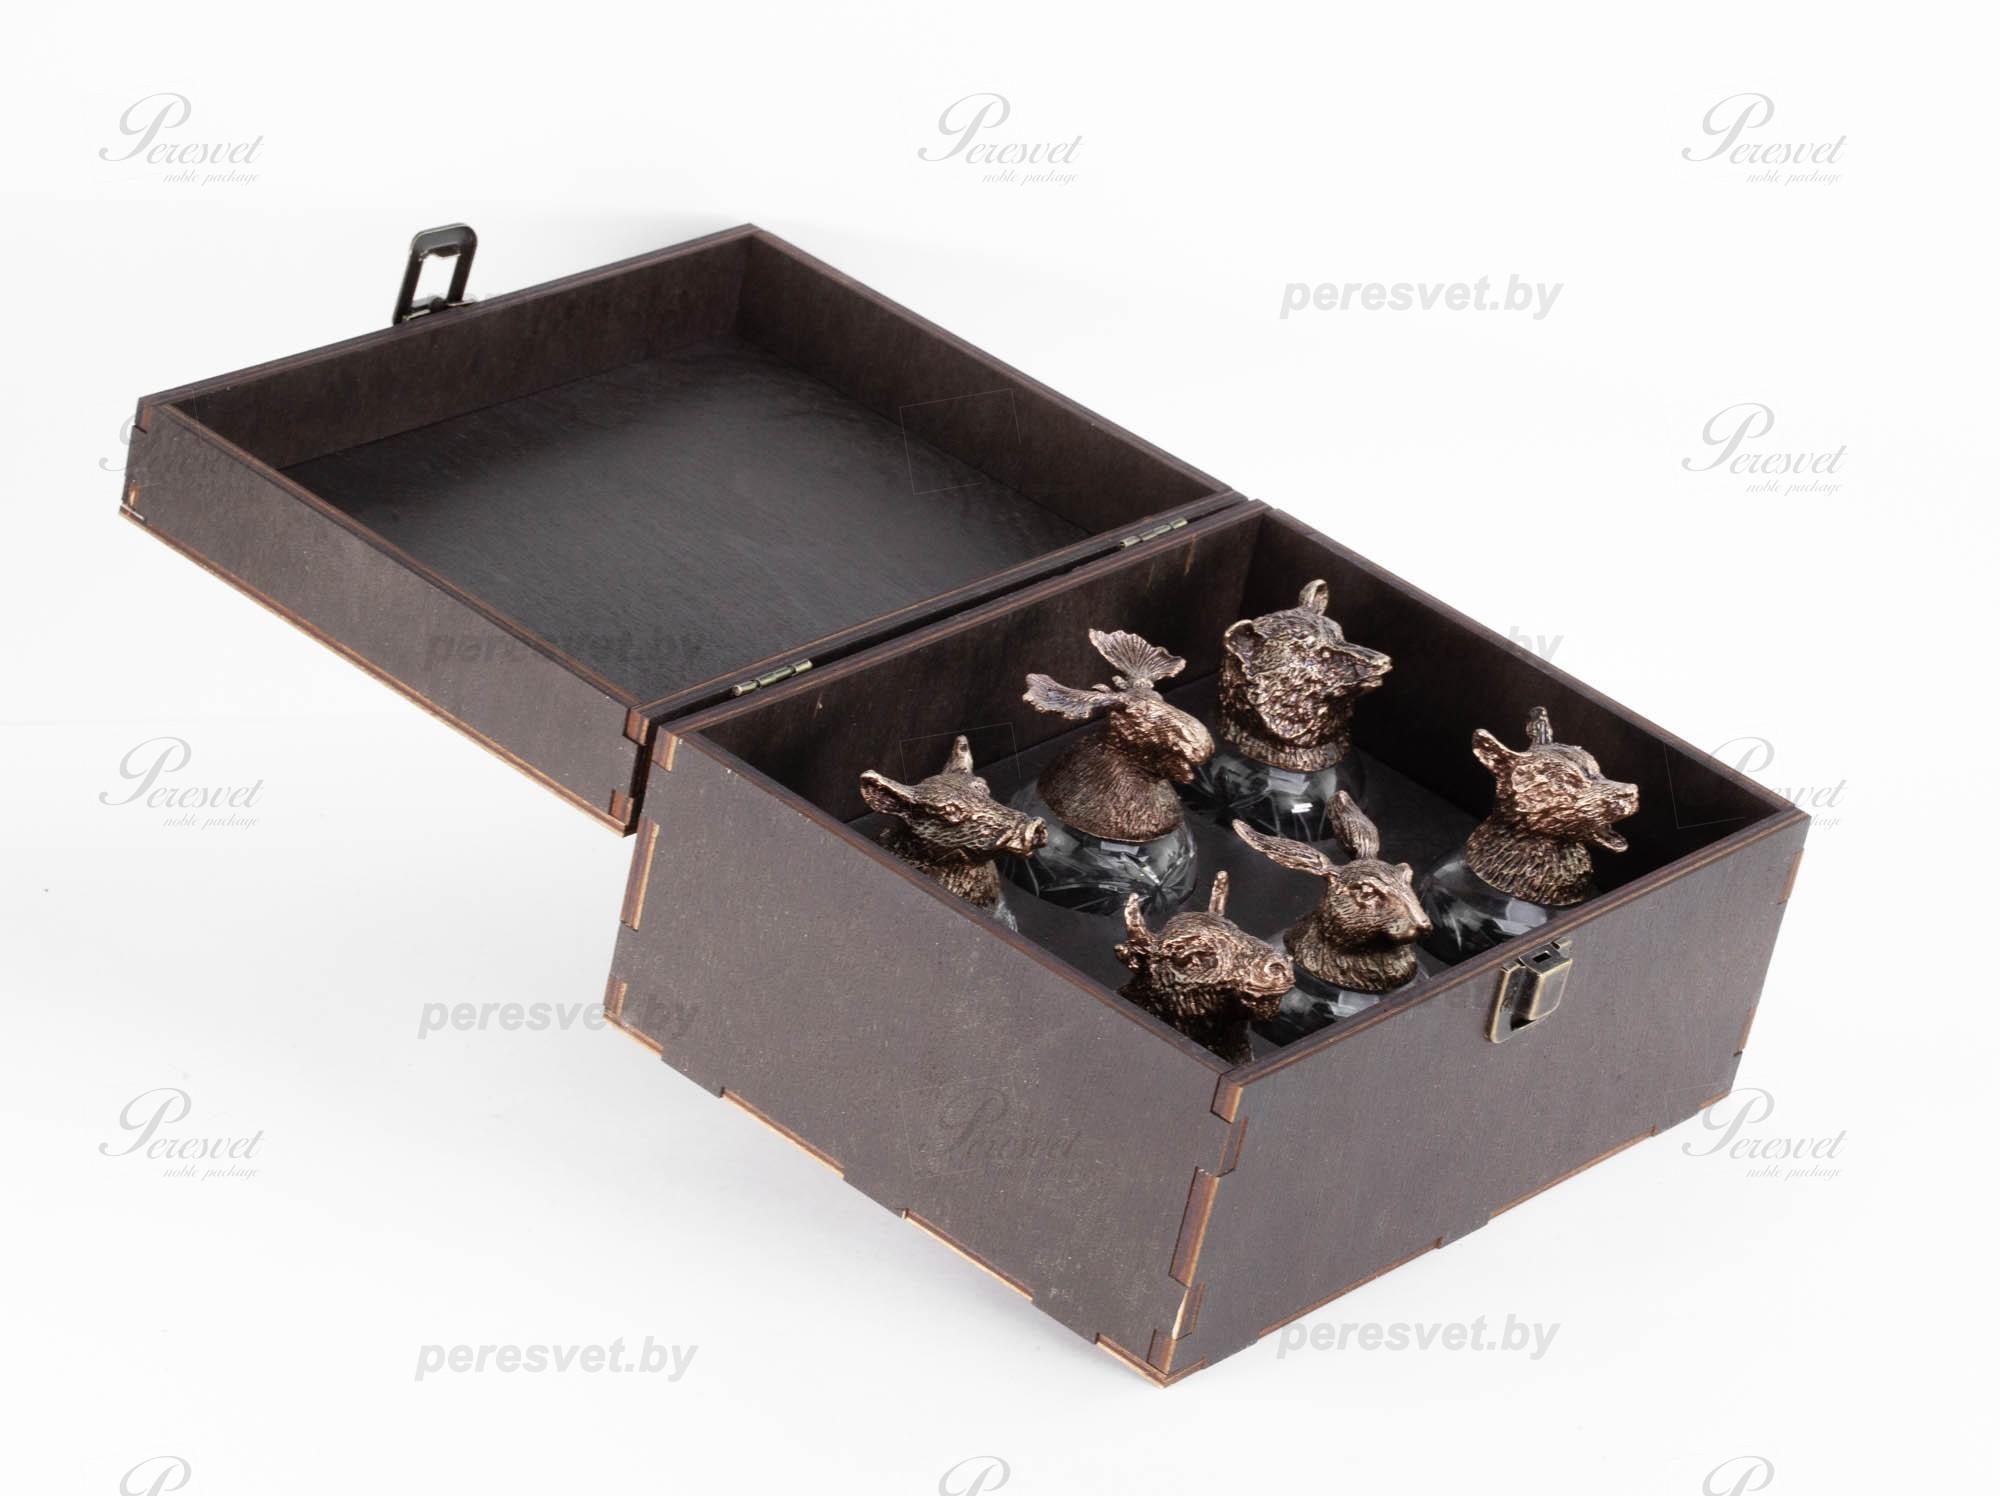 Рюмки перевертыши Охота в деревянной шкатулке №2 на peresvet.by